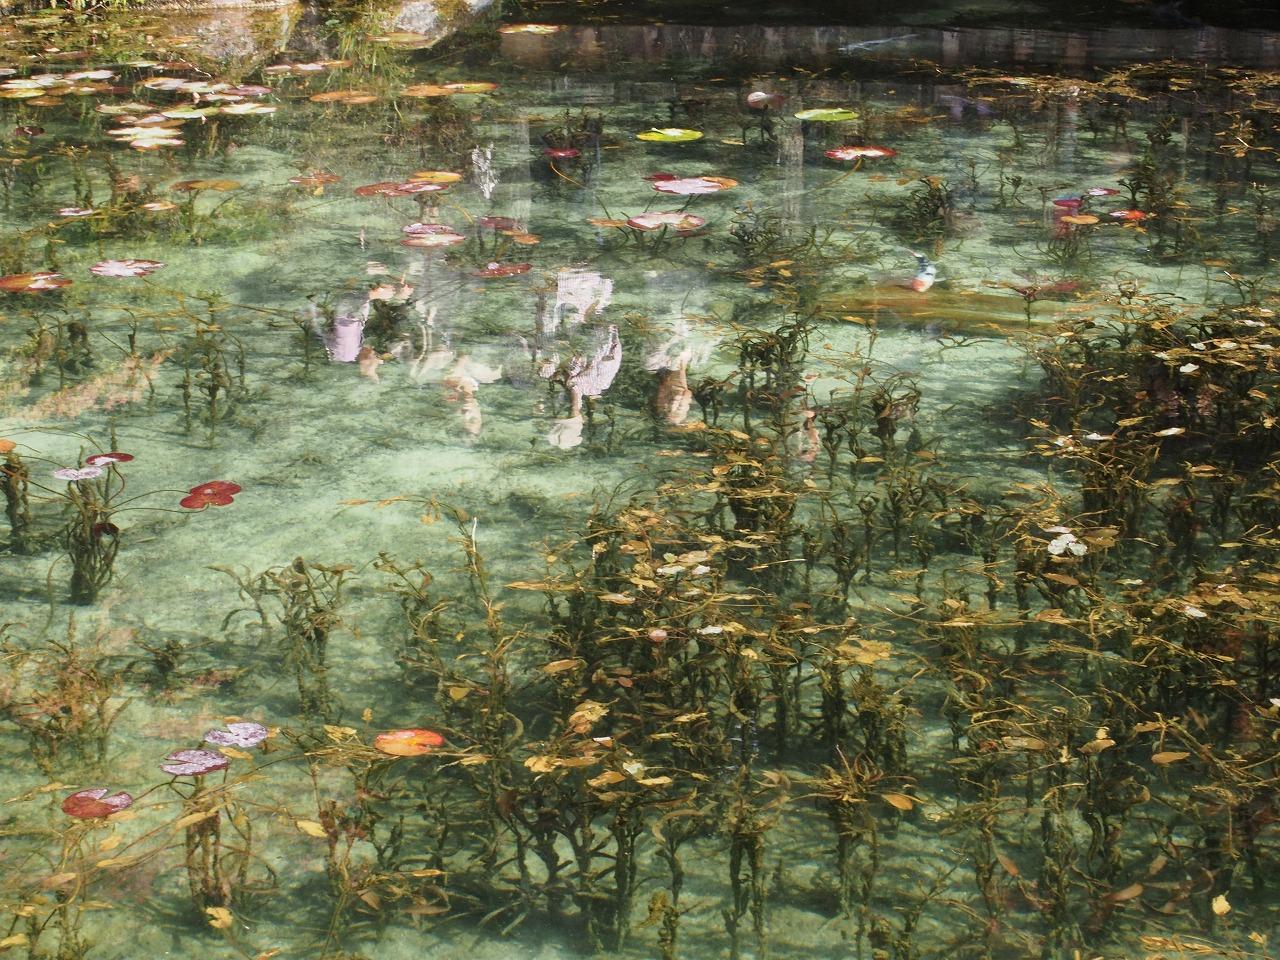 モネの池幽霊家族